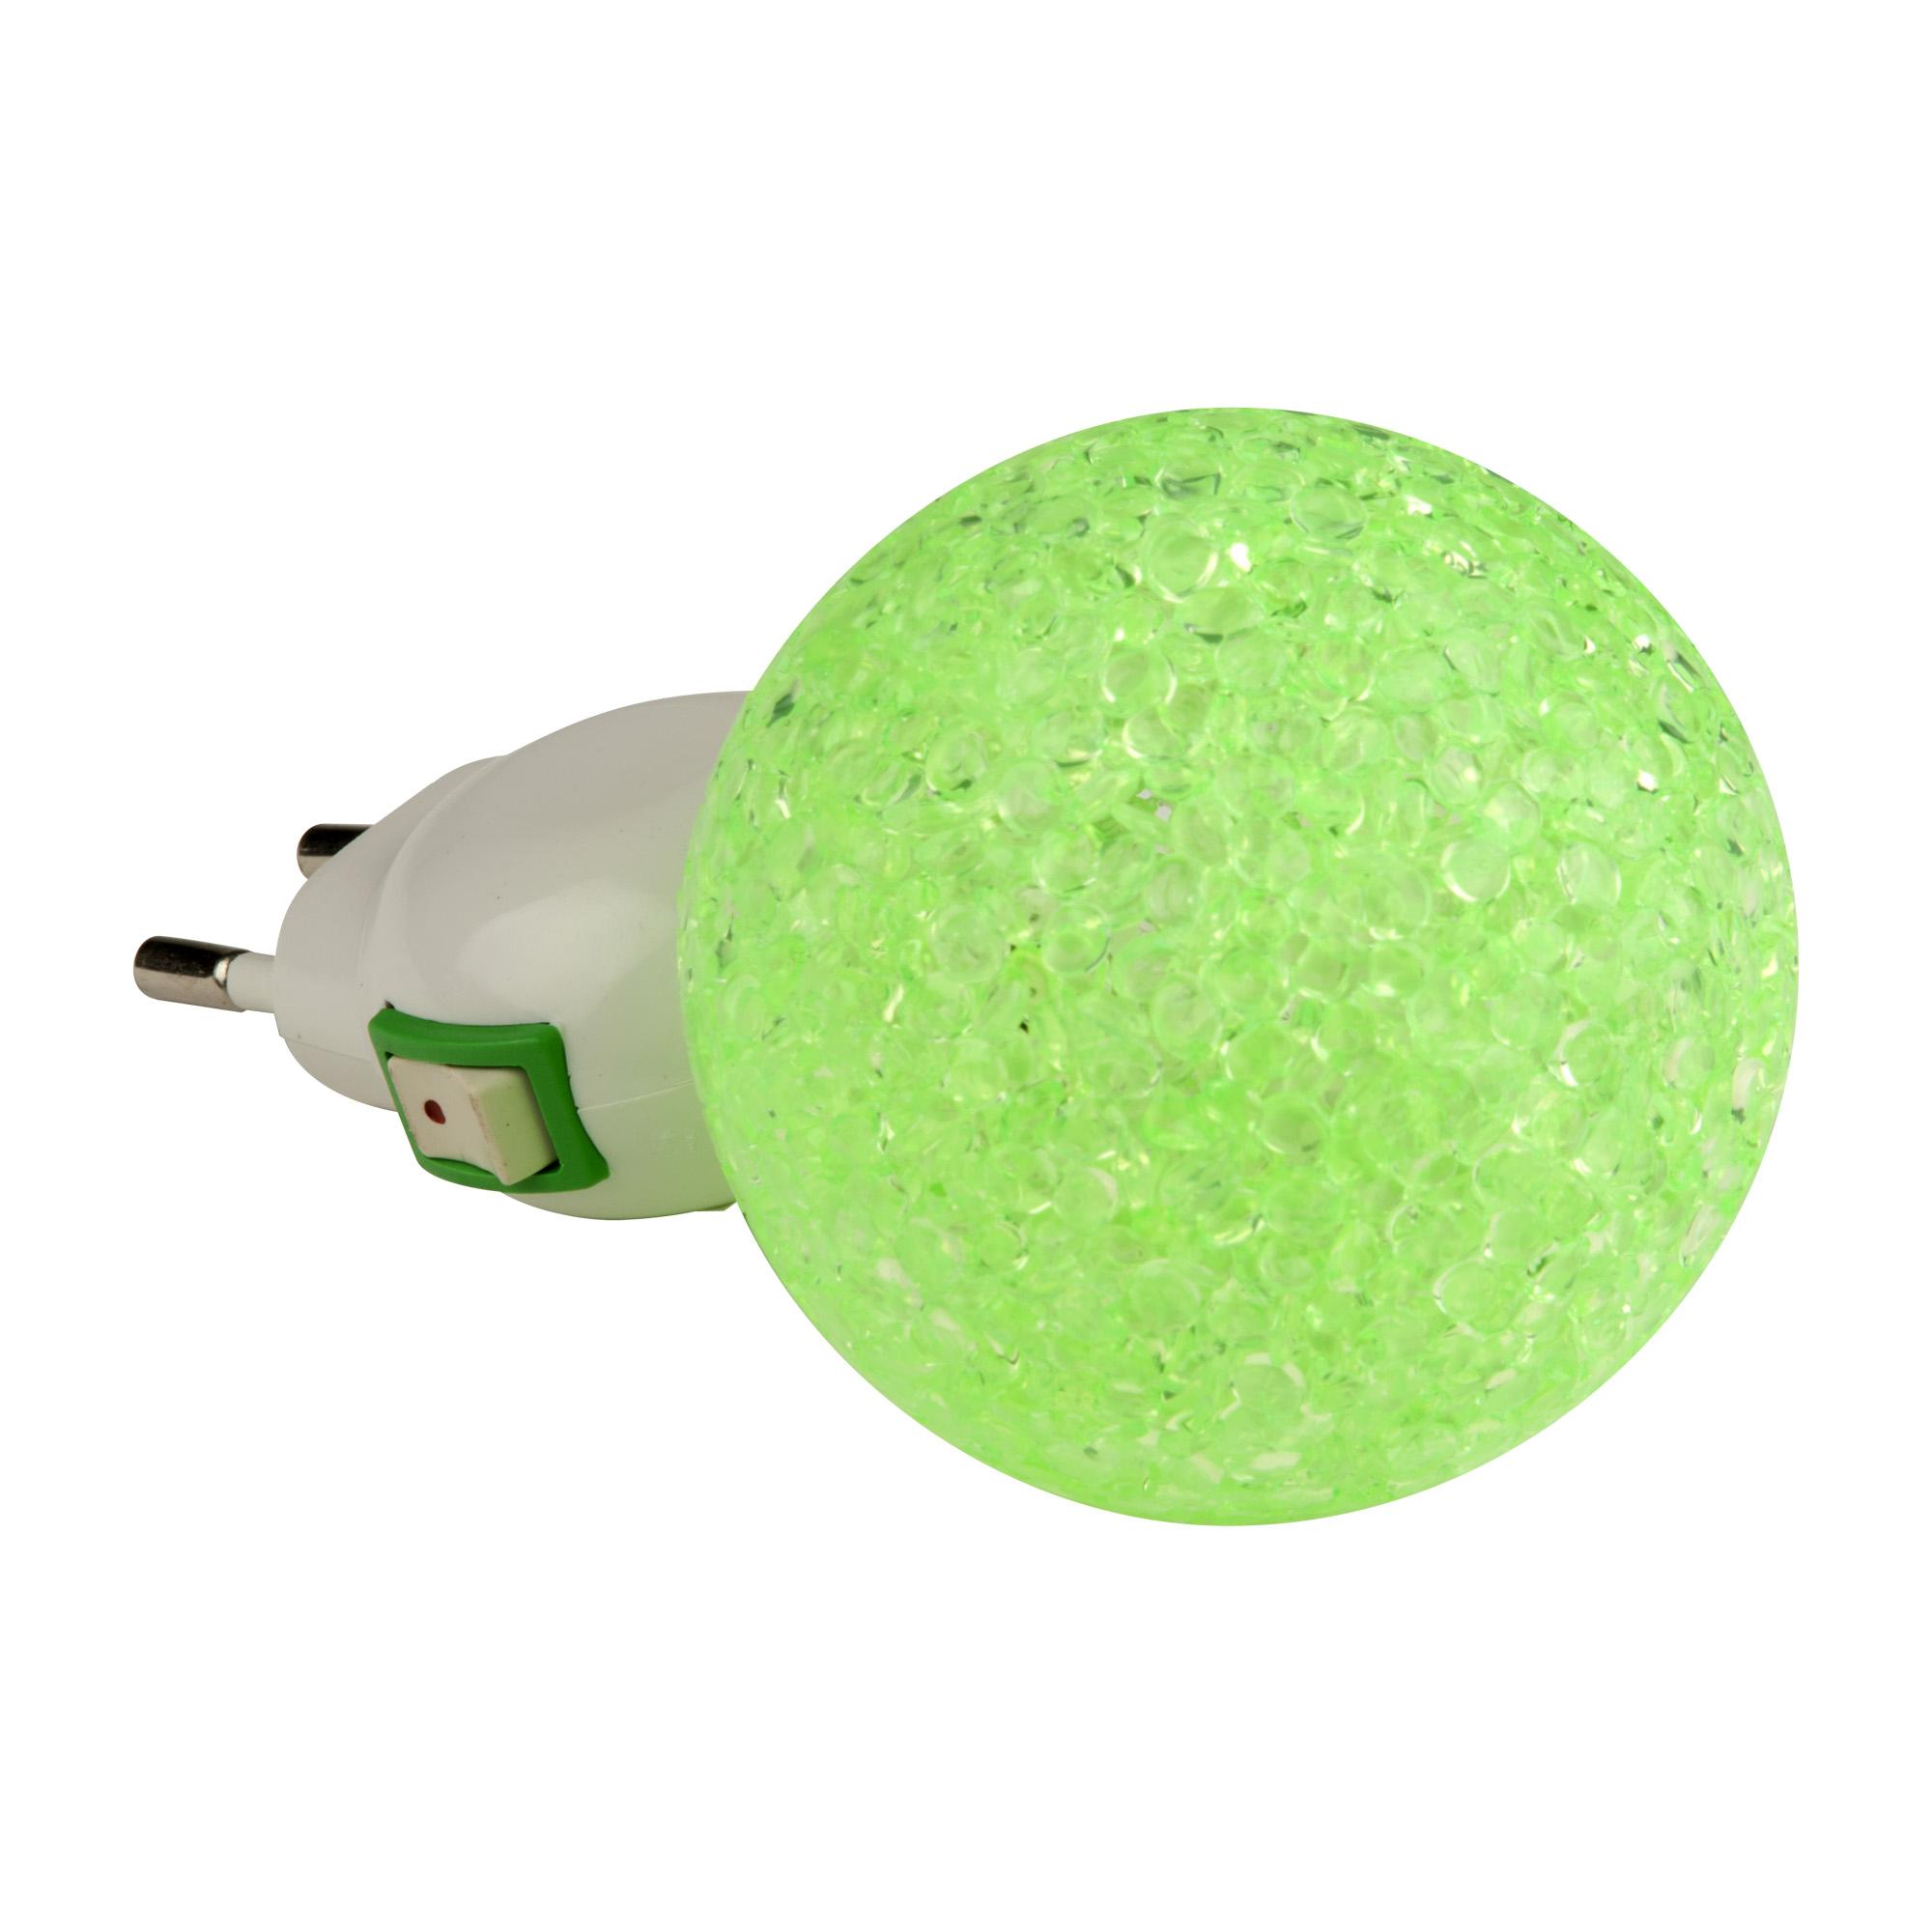 Ночник Uniel Dtl-309-Шар/green/1led/0,1w